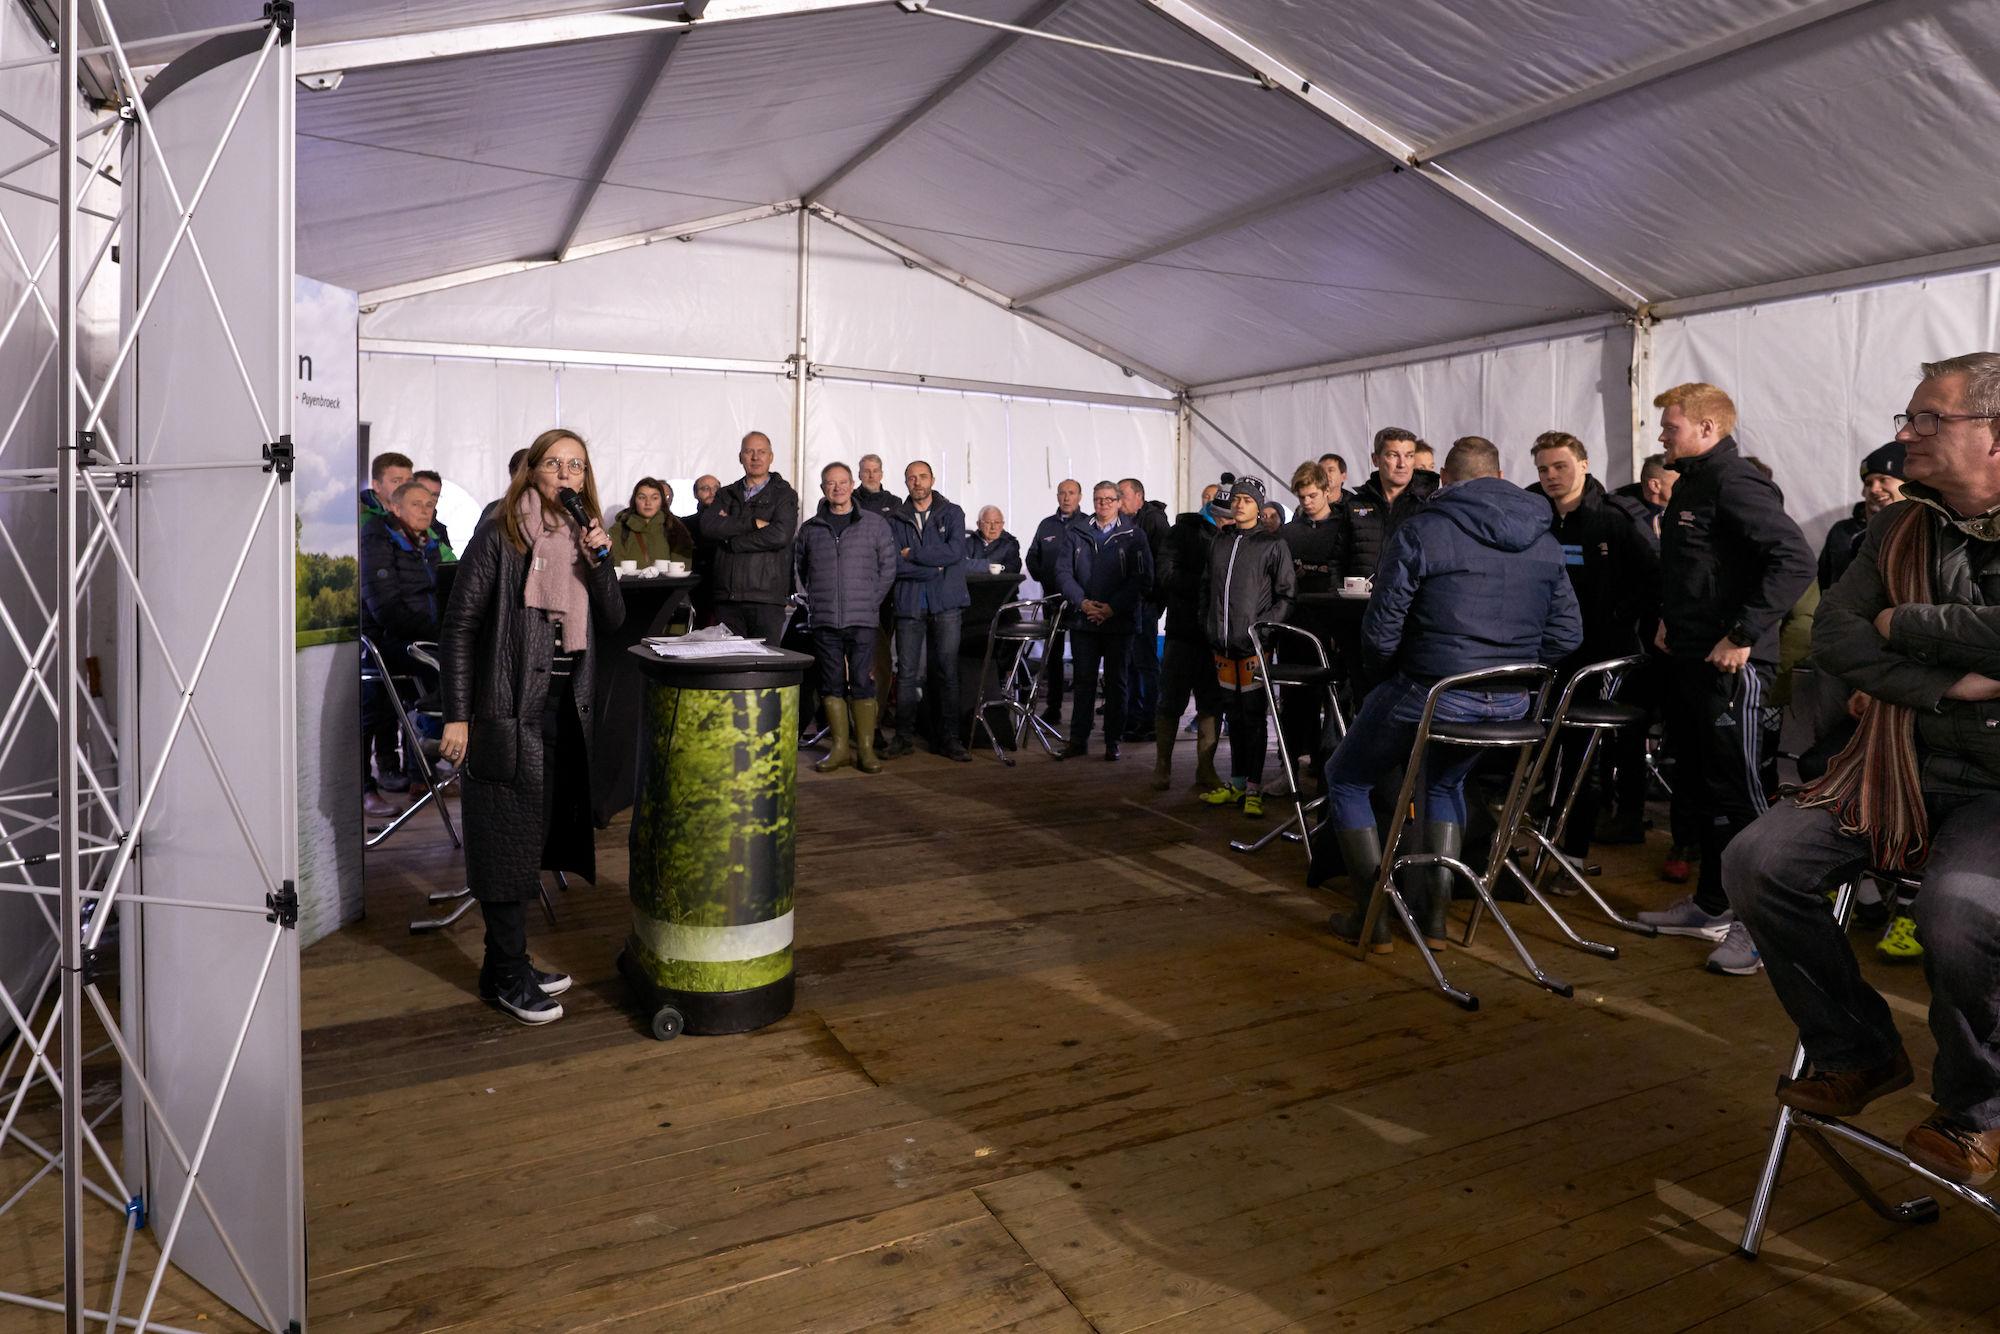 20181128_Puyenbroeck_officiele opening BMX parcour (34).jpg